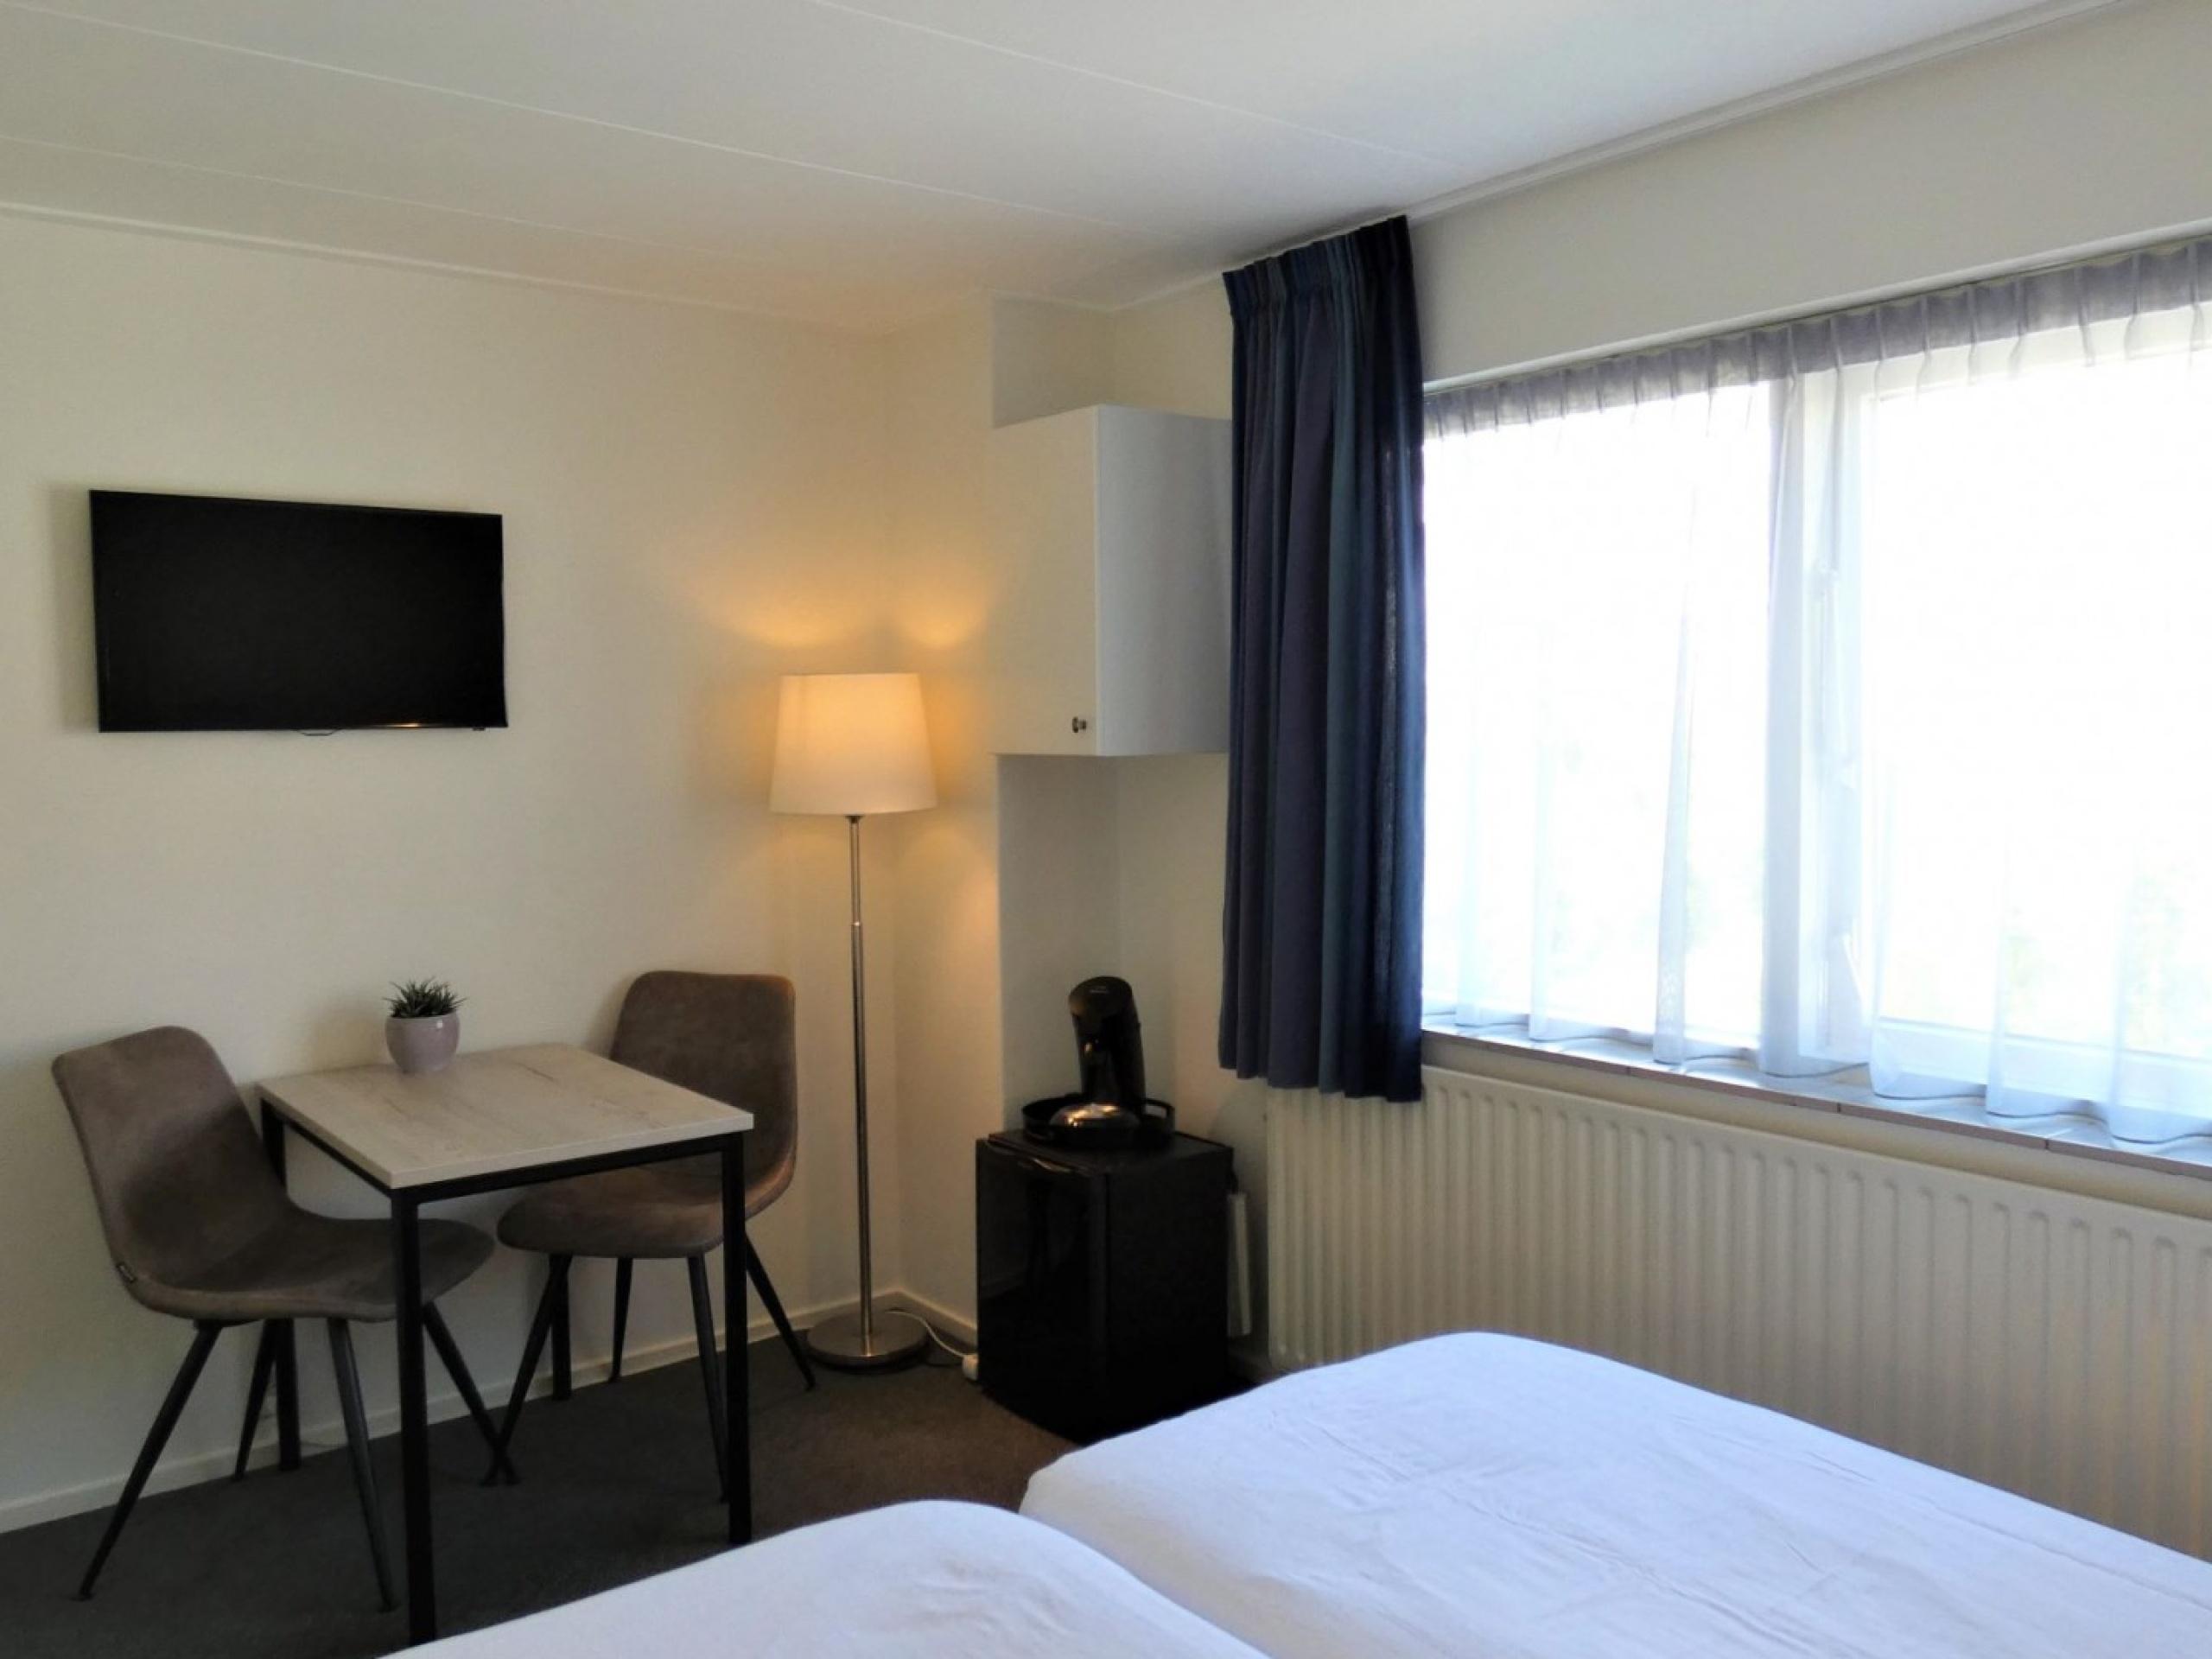 Wachen Sie entspannt mit einem reichhaltigen Frühstück im Zimmer in B&B in De Koog